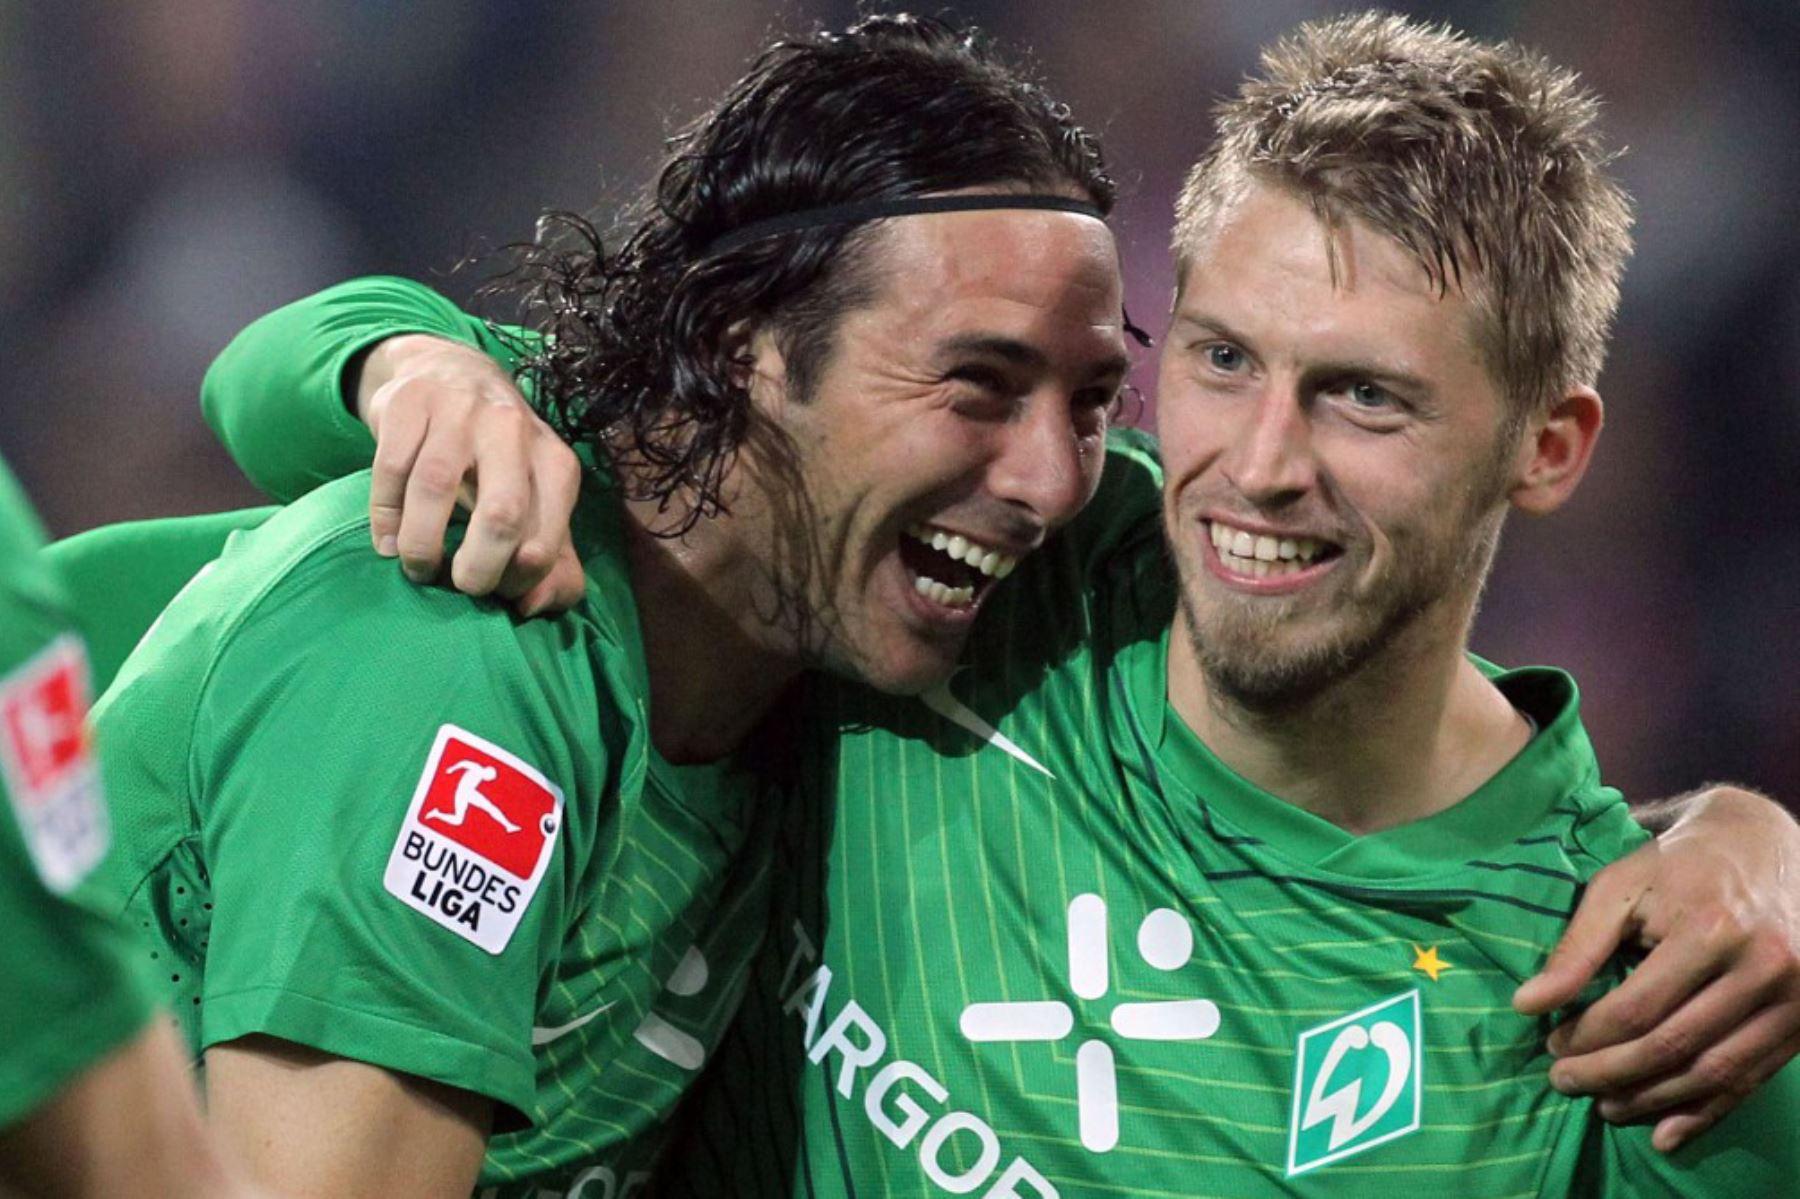 El delantero peruano de Werder Bremen Claudio Pizarro celebra después de anotar el 1-2 durante el partido de fútbol de la primera división alemana de la Bundesliga FSV Mainz 05 vs. SV Werder Bremen en la ciudad alemana de Mainz. Foto: AFP